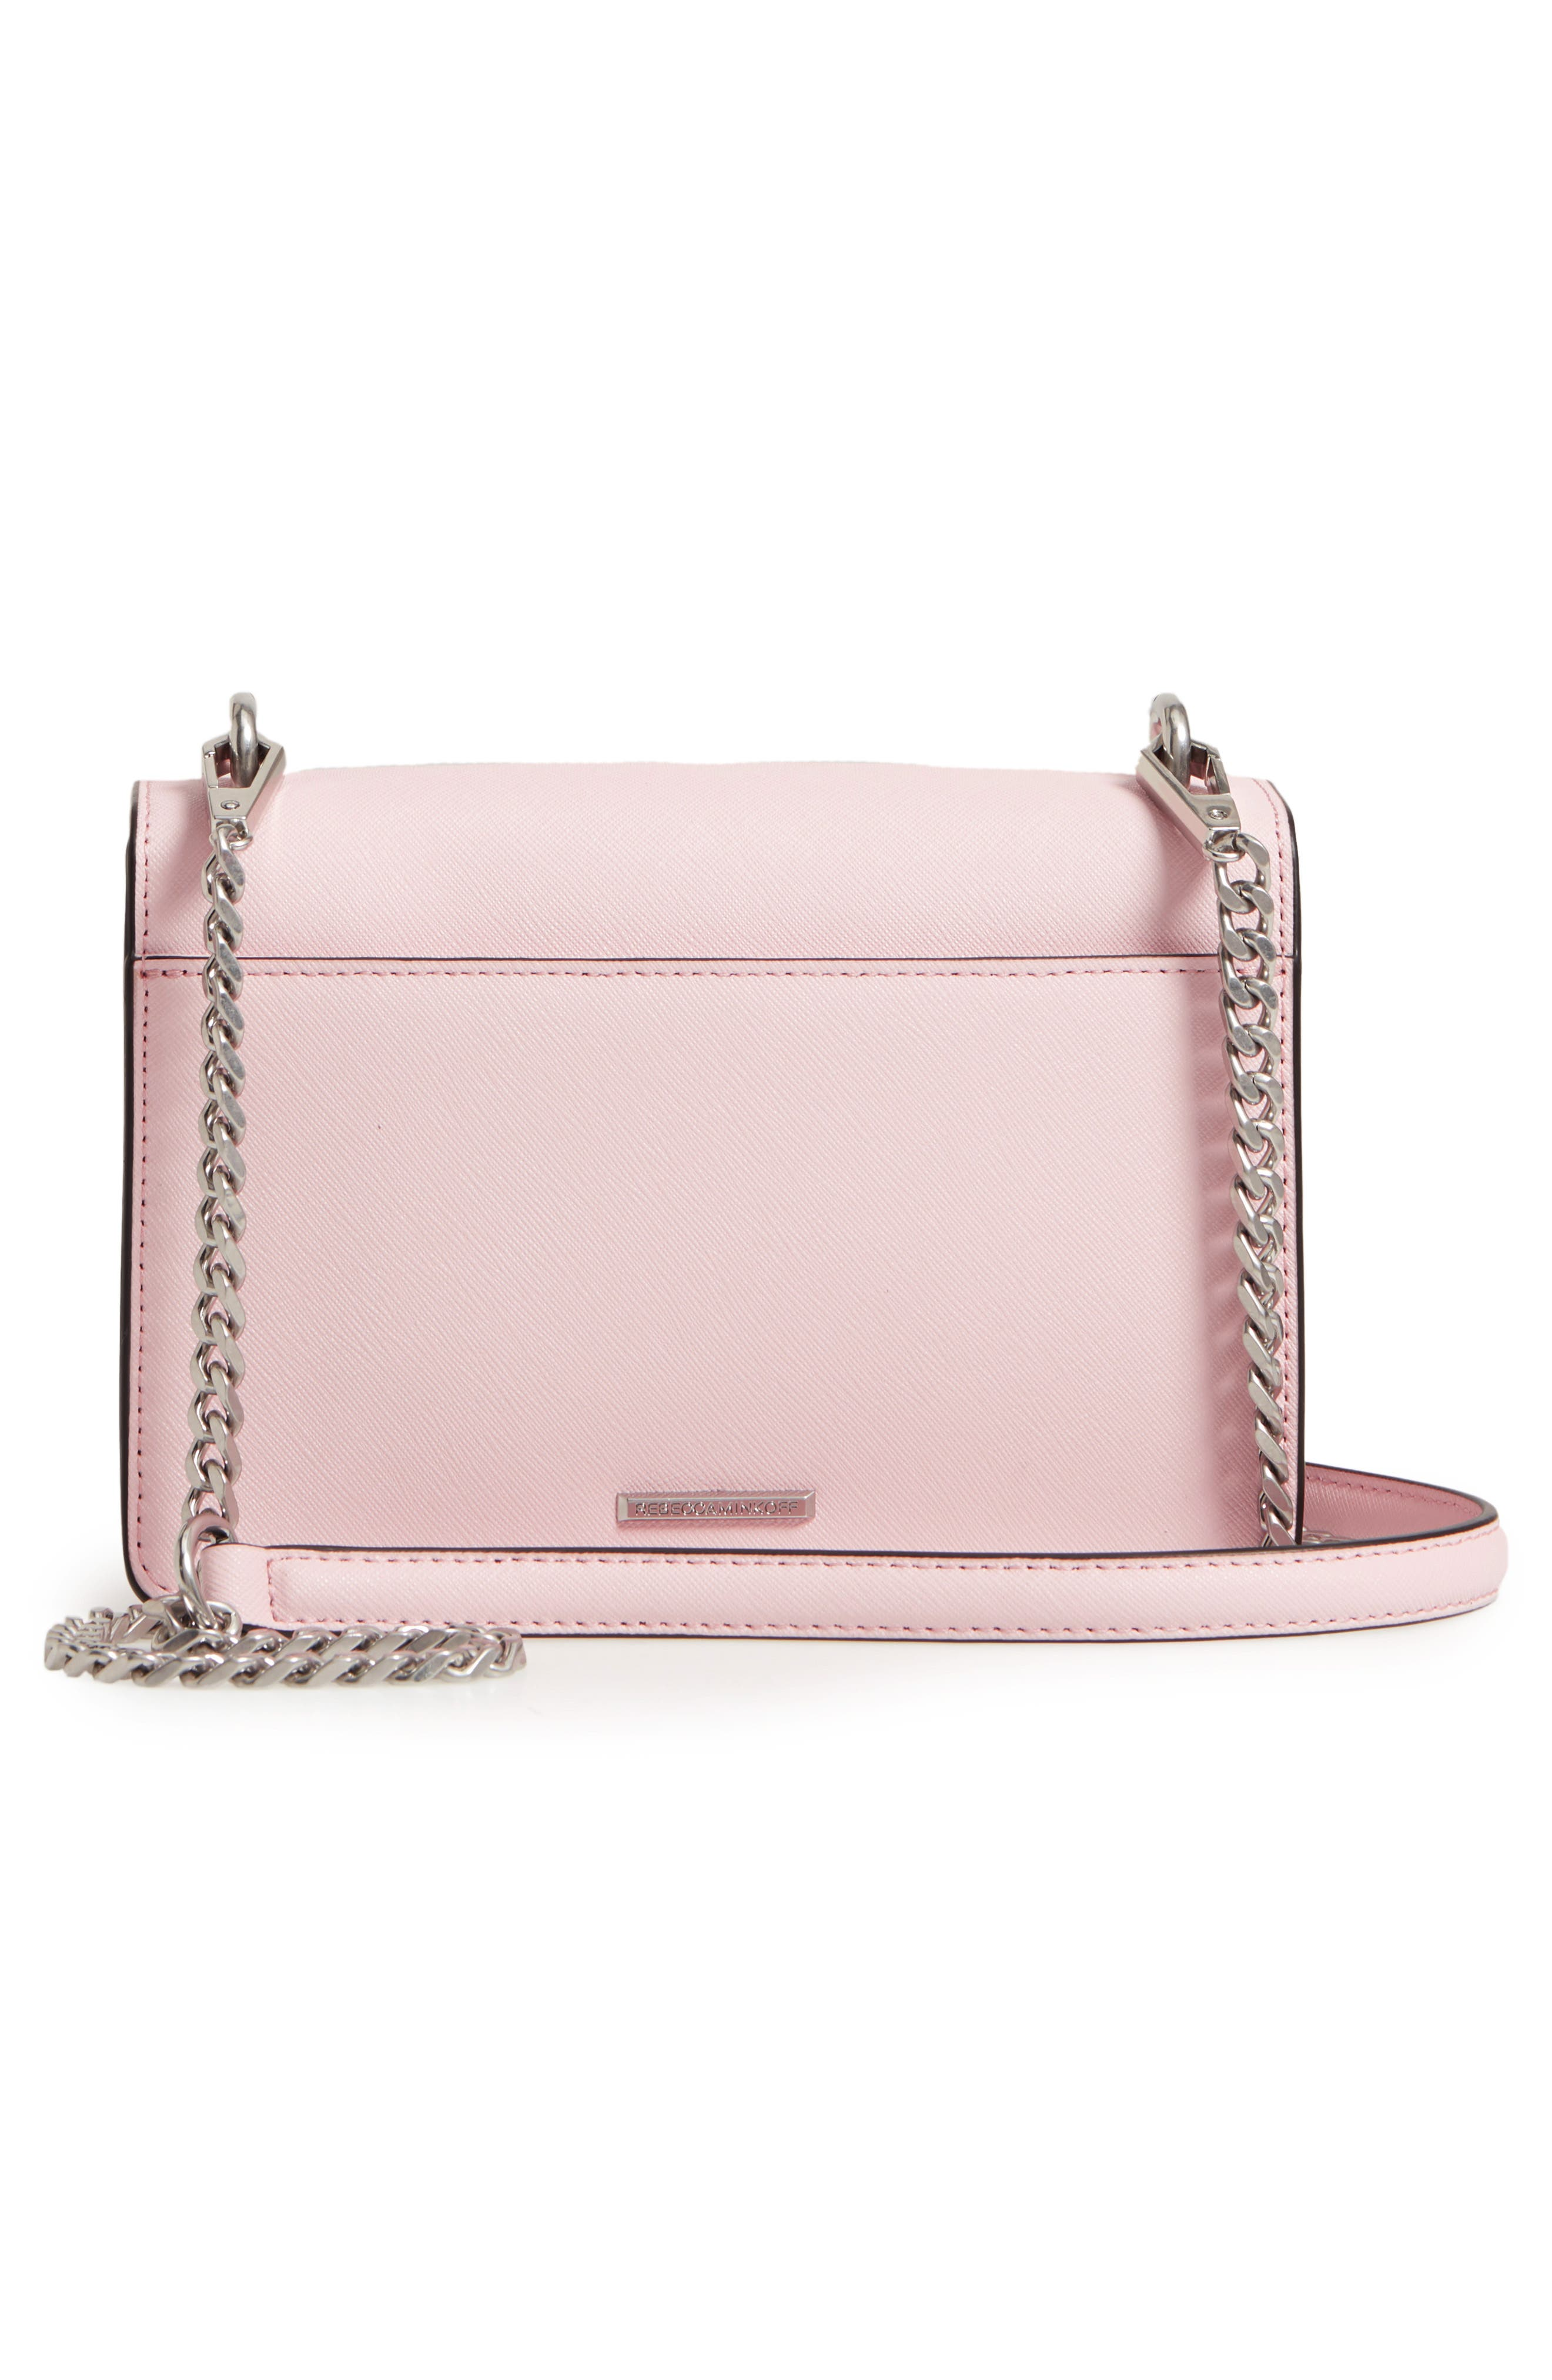 Medium Christy Leather Shoulder Bag,                             Alternate thumbnail 15, color,